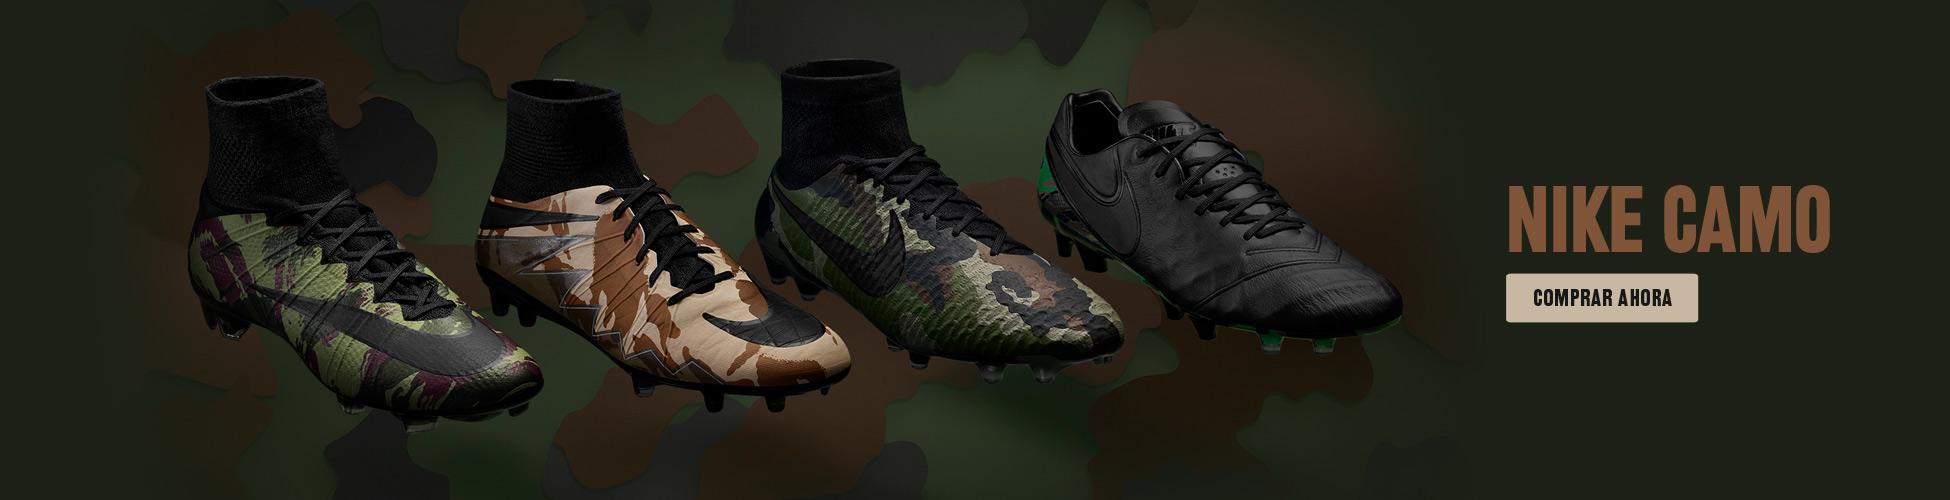 Botas Nike Camo Pack